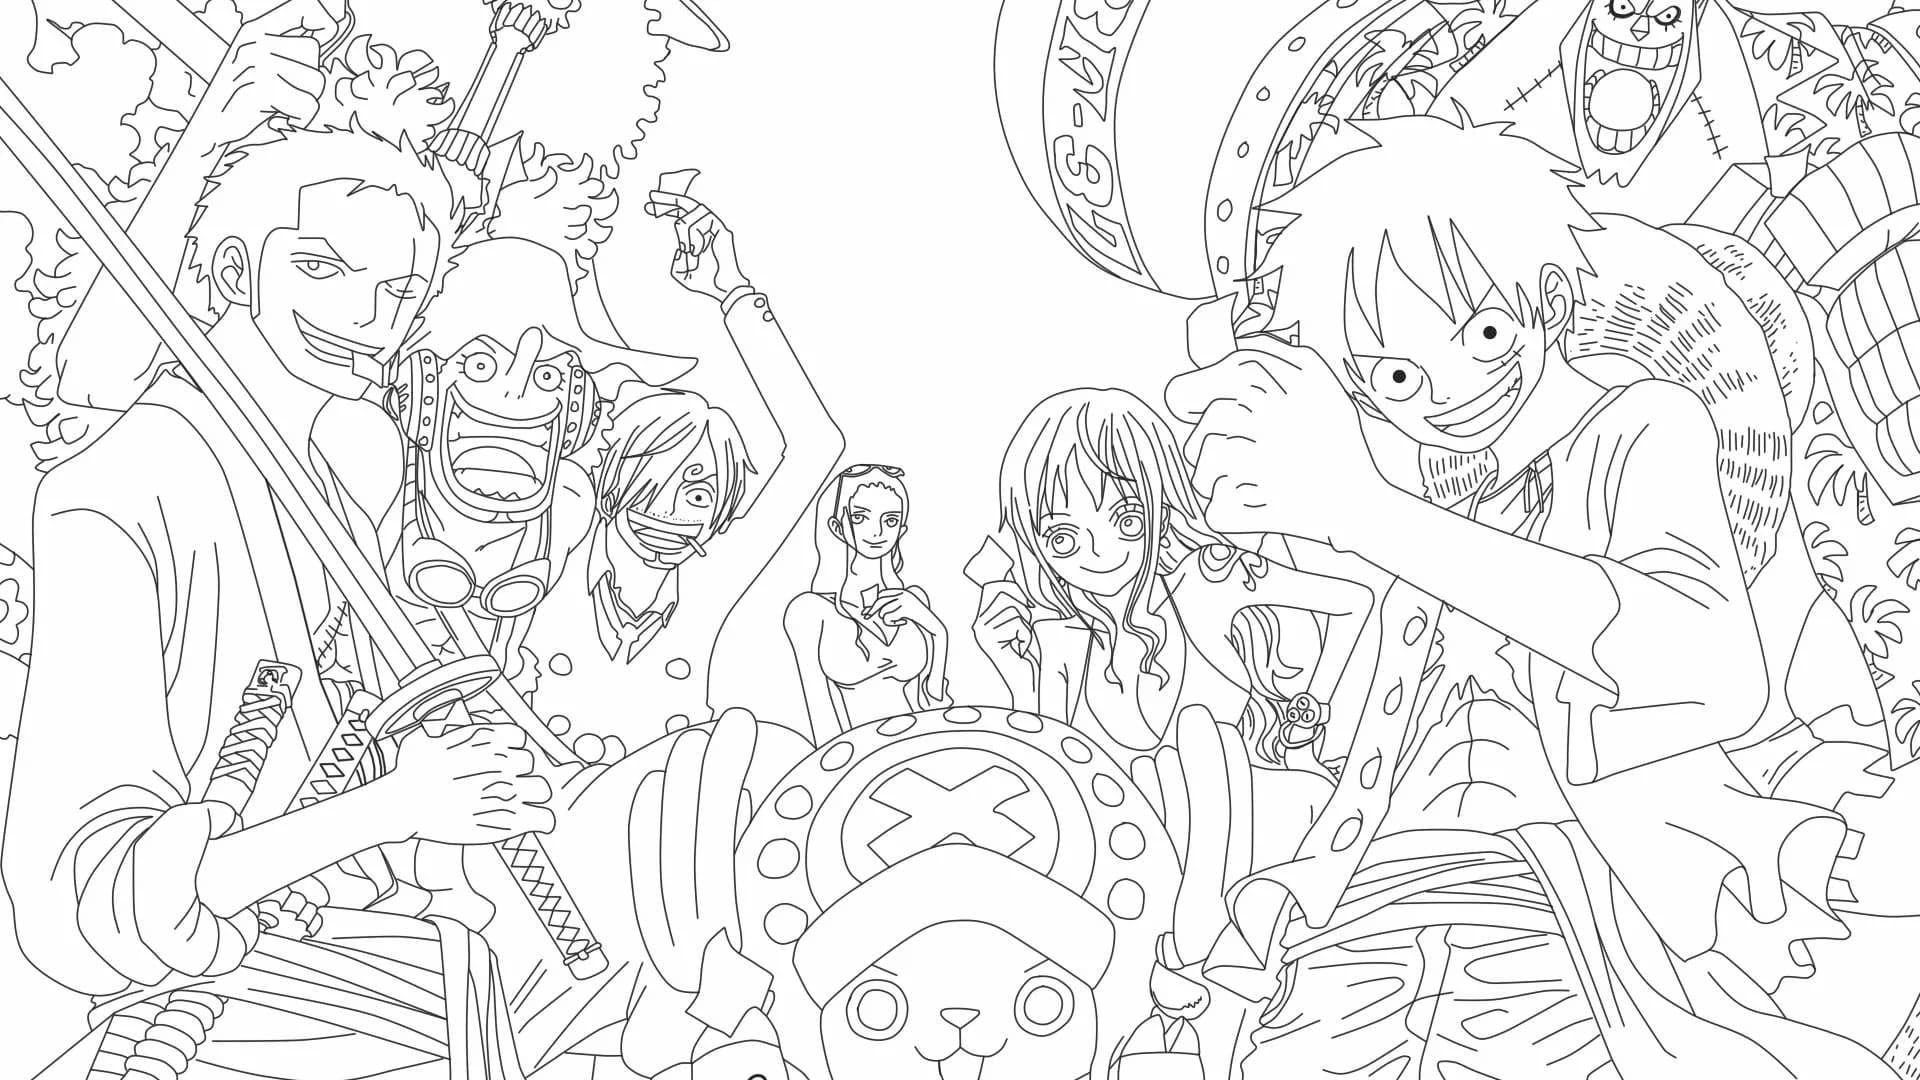 Disegni Di One Piece Da Colorare 90 Immagini Per La Stampa Gratuita